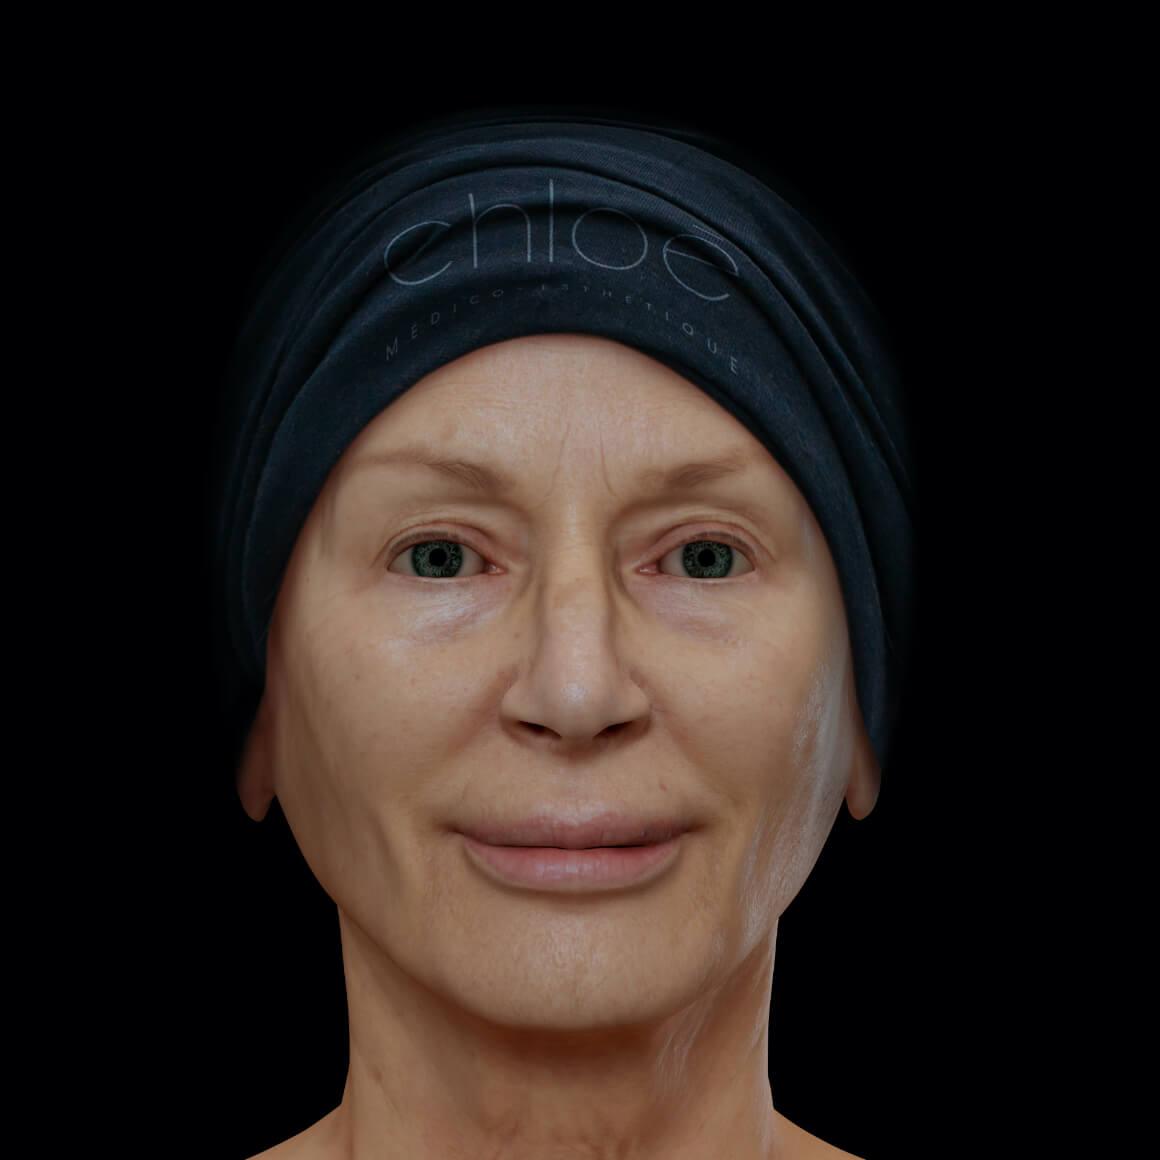 Patiente de la Clinique Chloé positionnée de face après un traitement de raffermissement du visage Profound